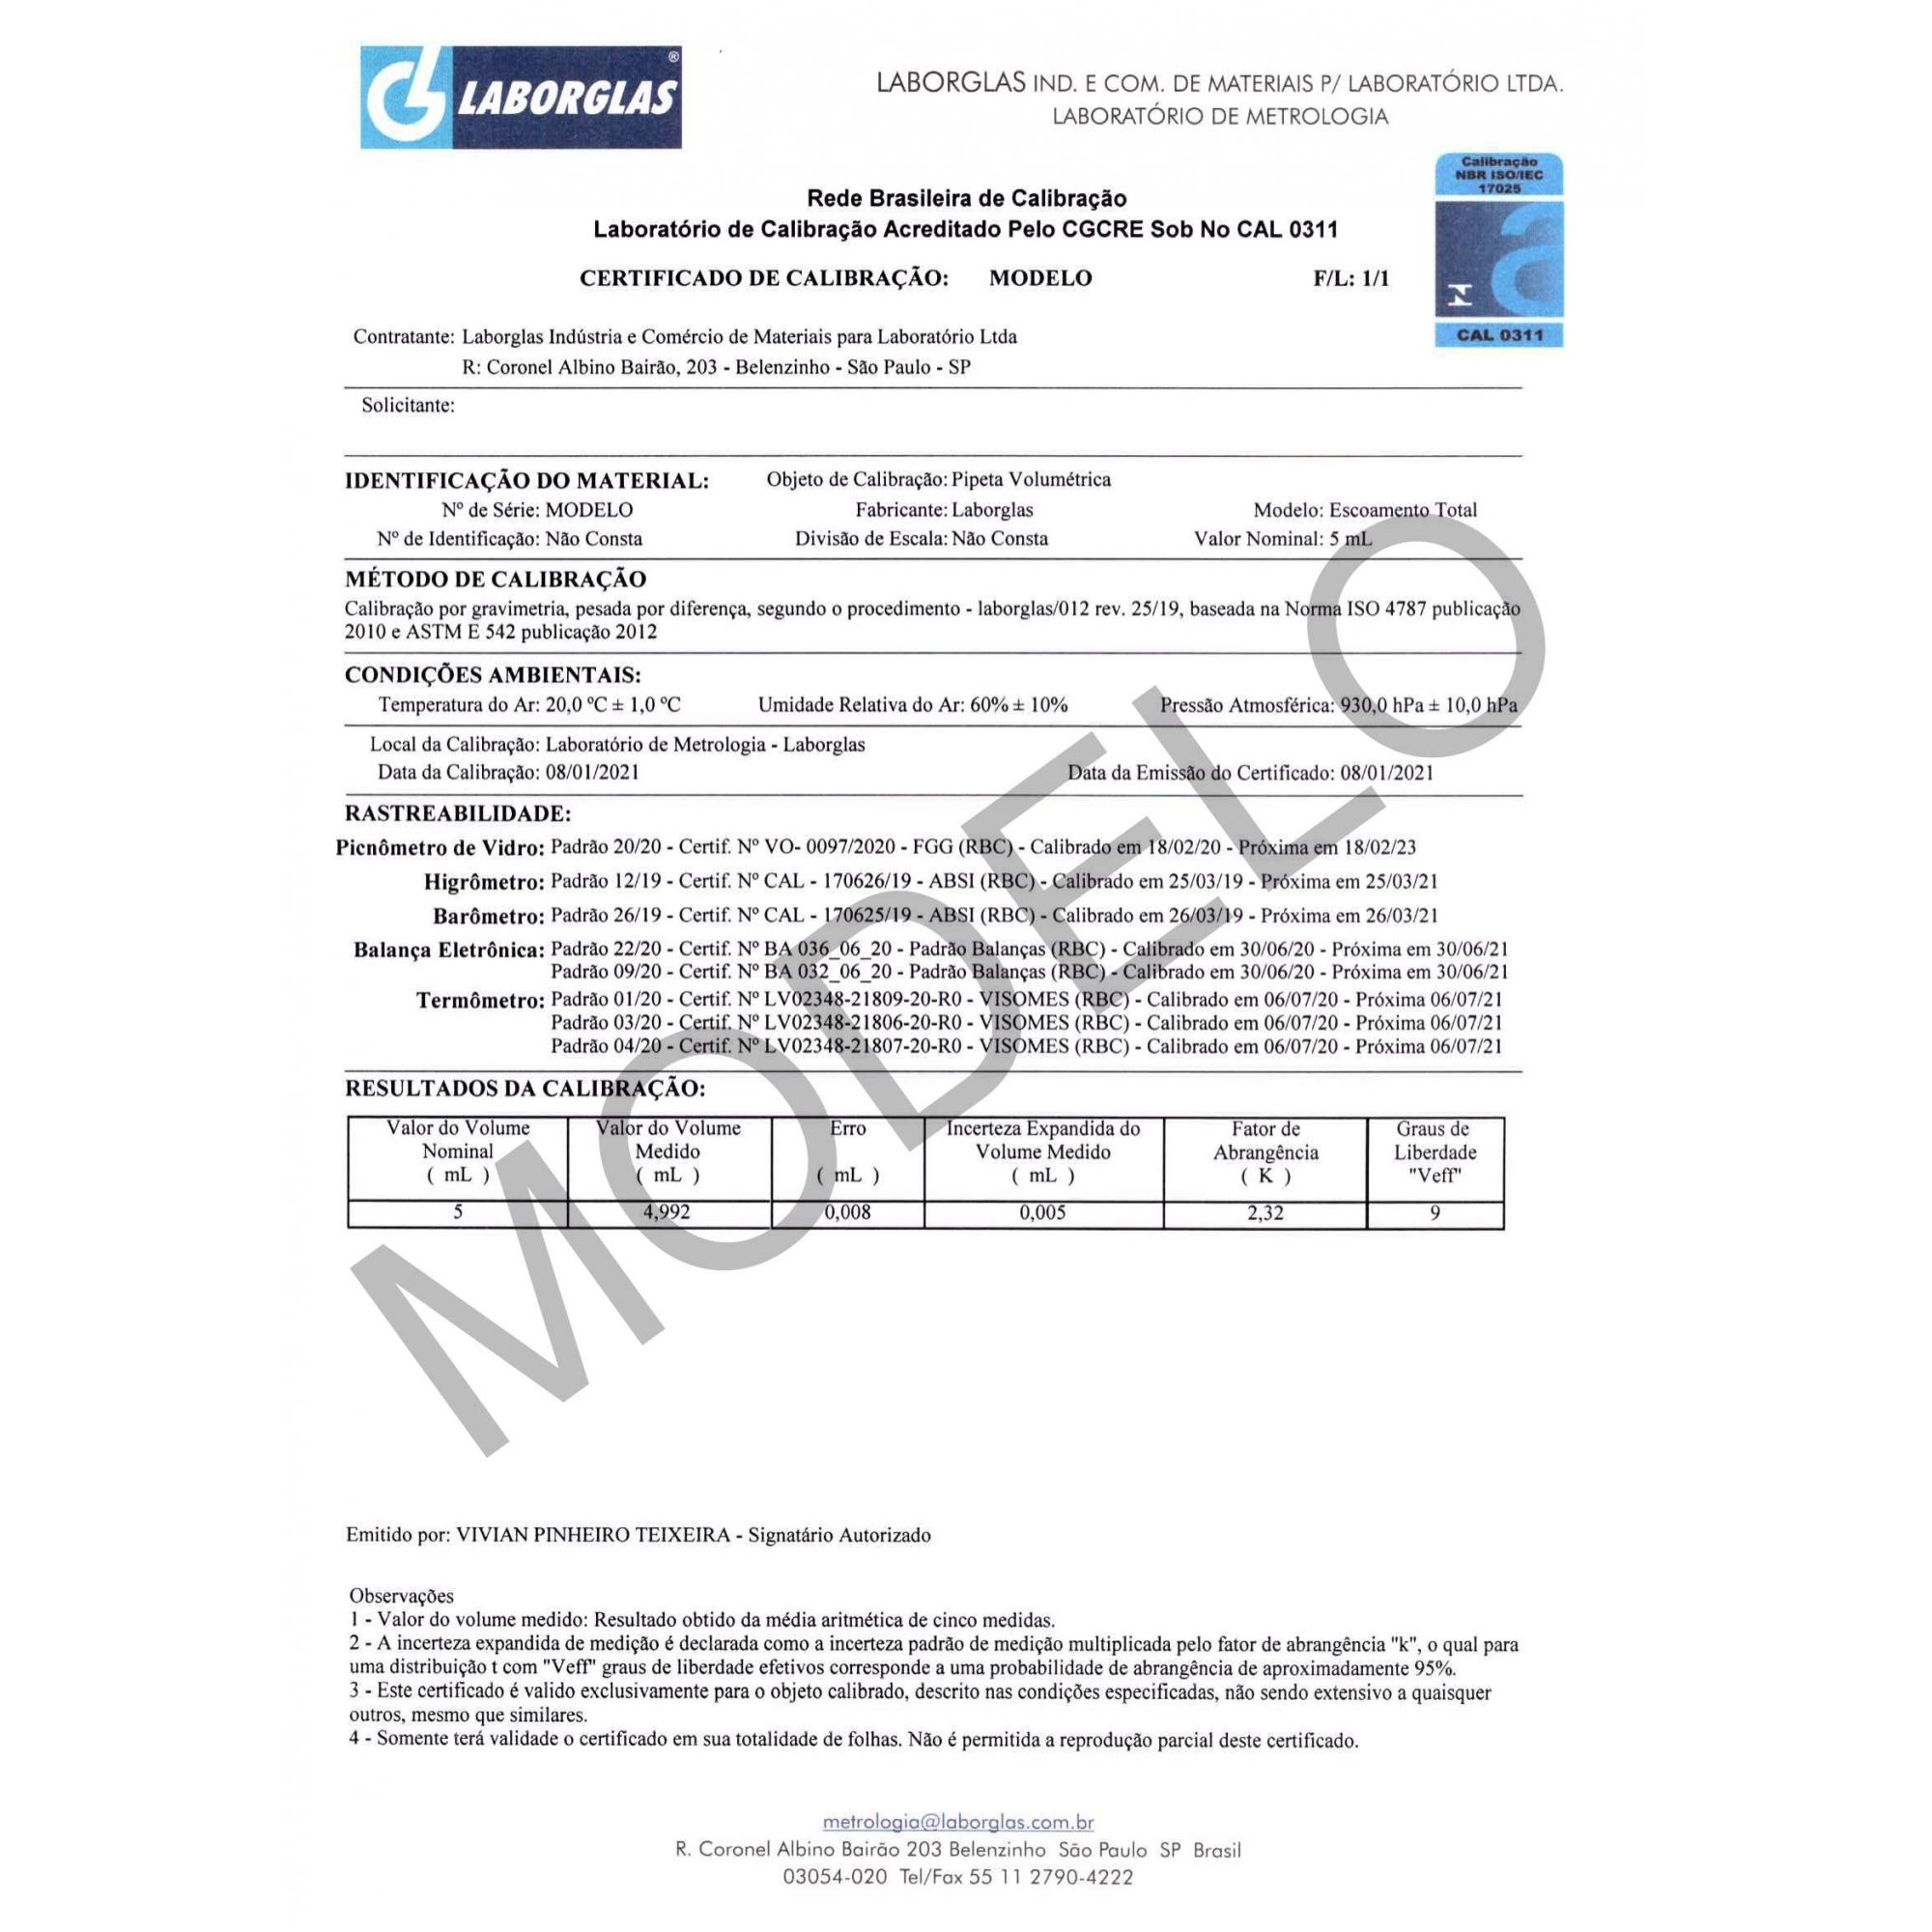 PIPETA VOLUMÉTRICA ESGOTAMENTO TOTAL CLASSE A  10 ML COM CERTIFICADO RBC - Laborglas - Cód. 9433811-R